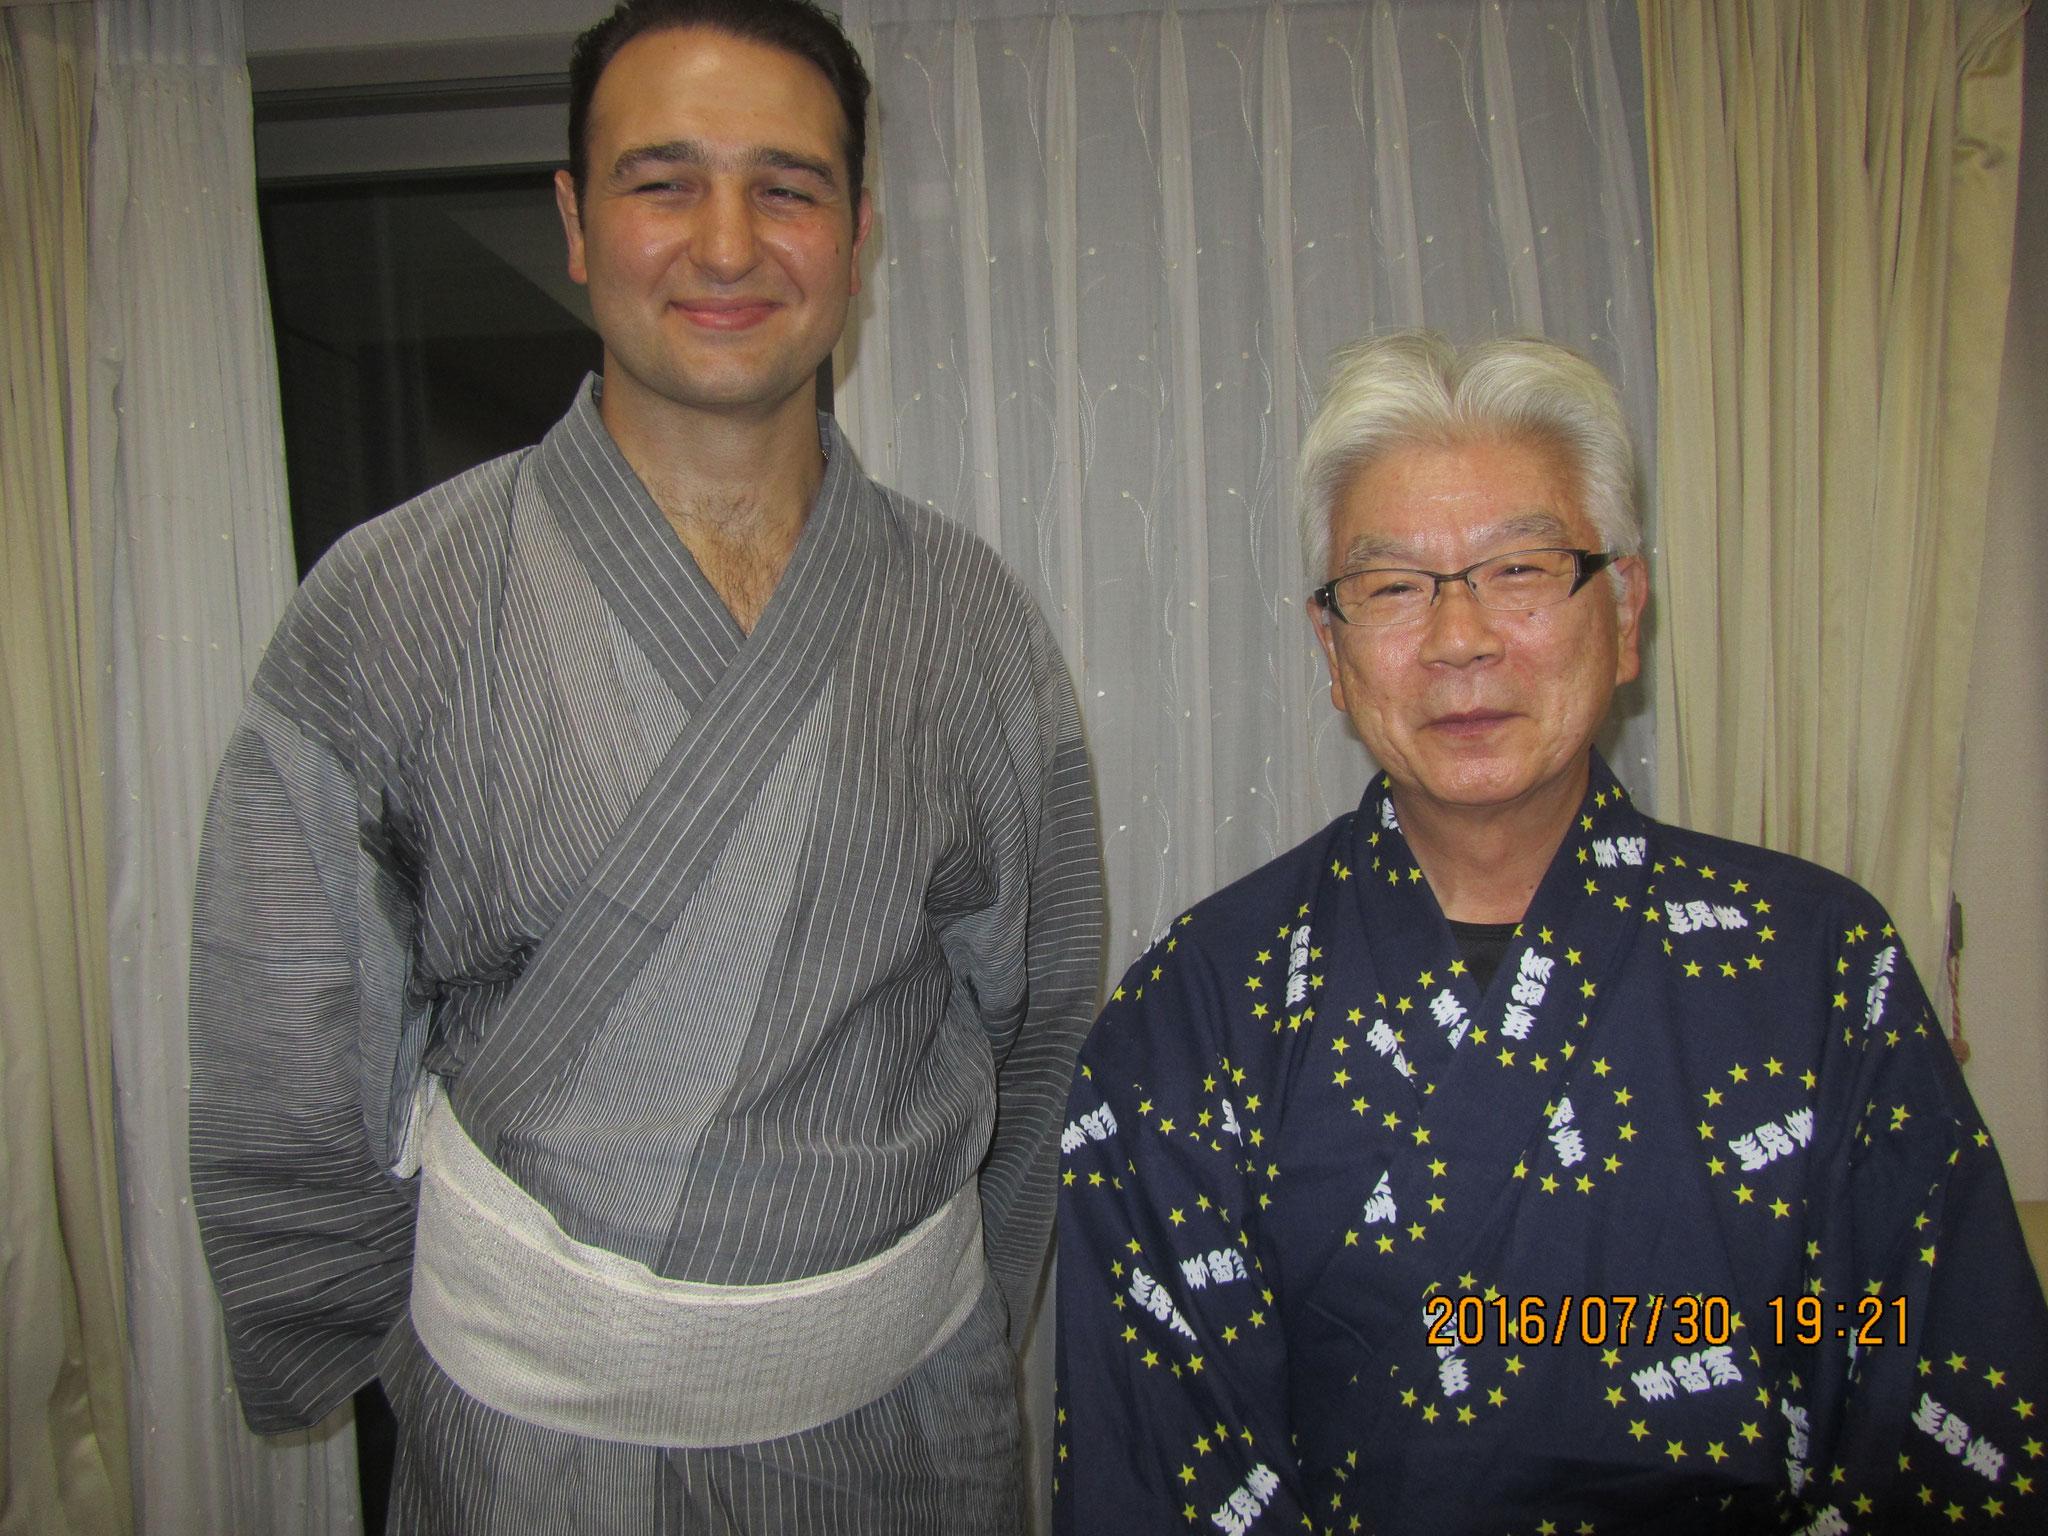 恩人、永井国雄先生が親方を紹介して下さいました。